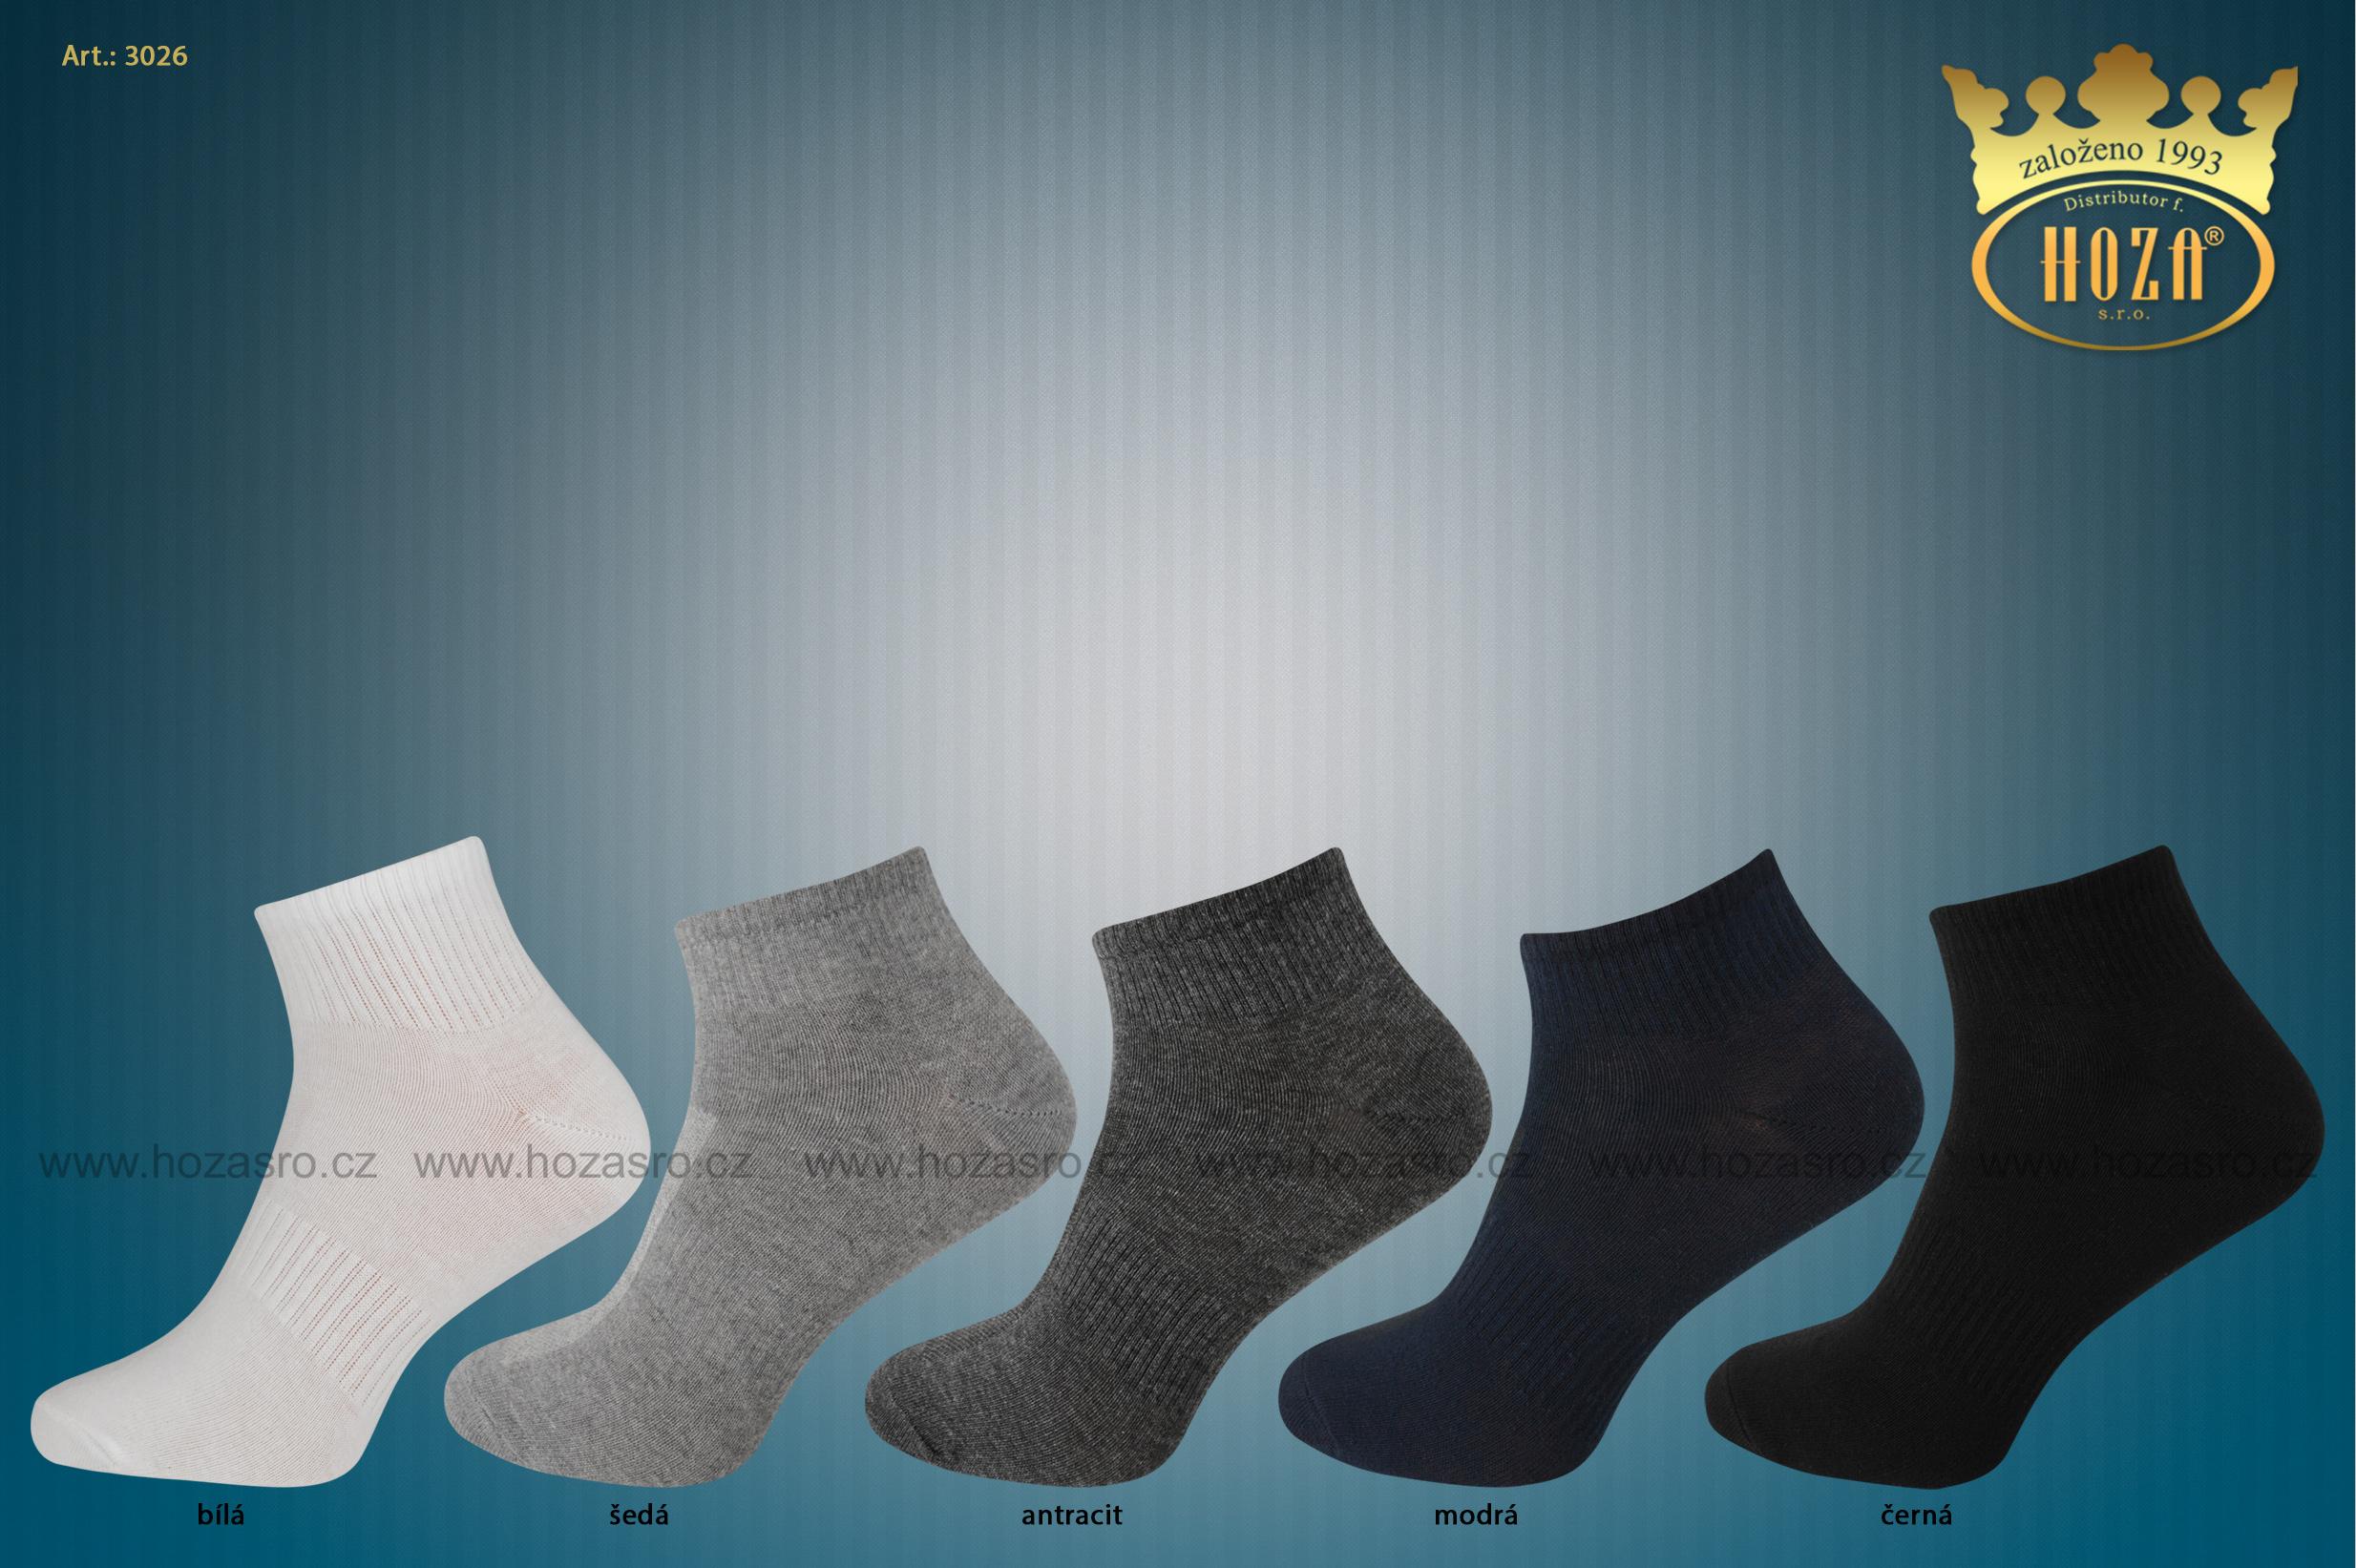 ... kotníkové ponožky HOZA s elastanem - balíček C.  katalog tmb h3026 barevna-kombinace.jpg f531525af3